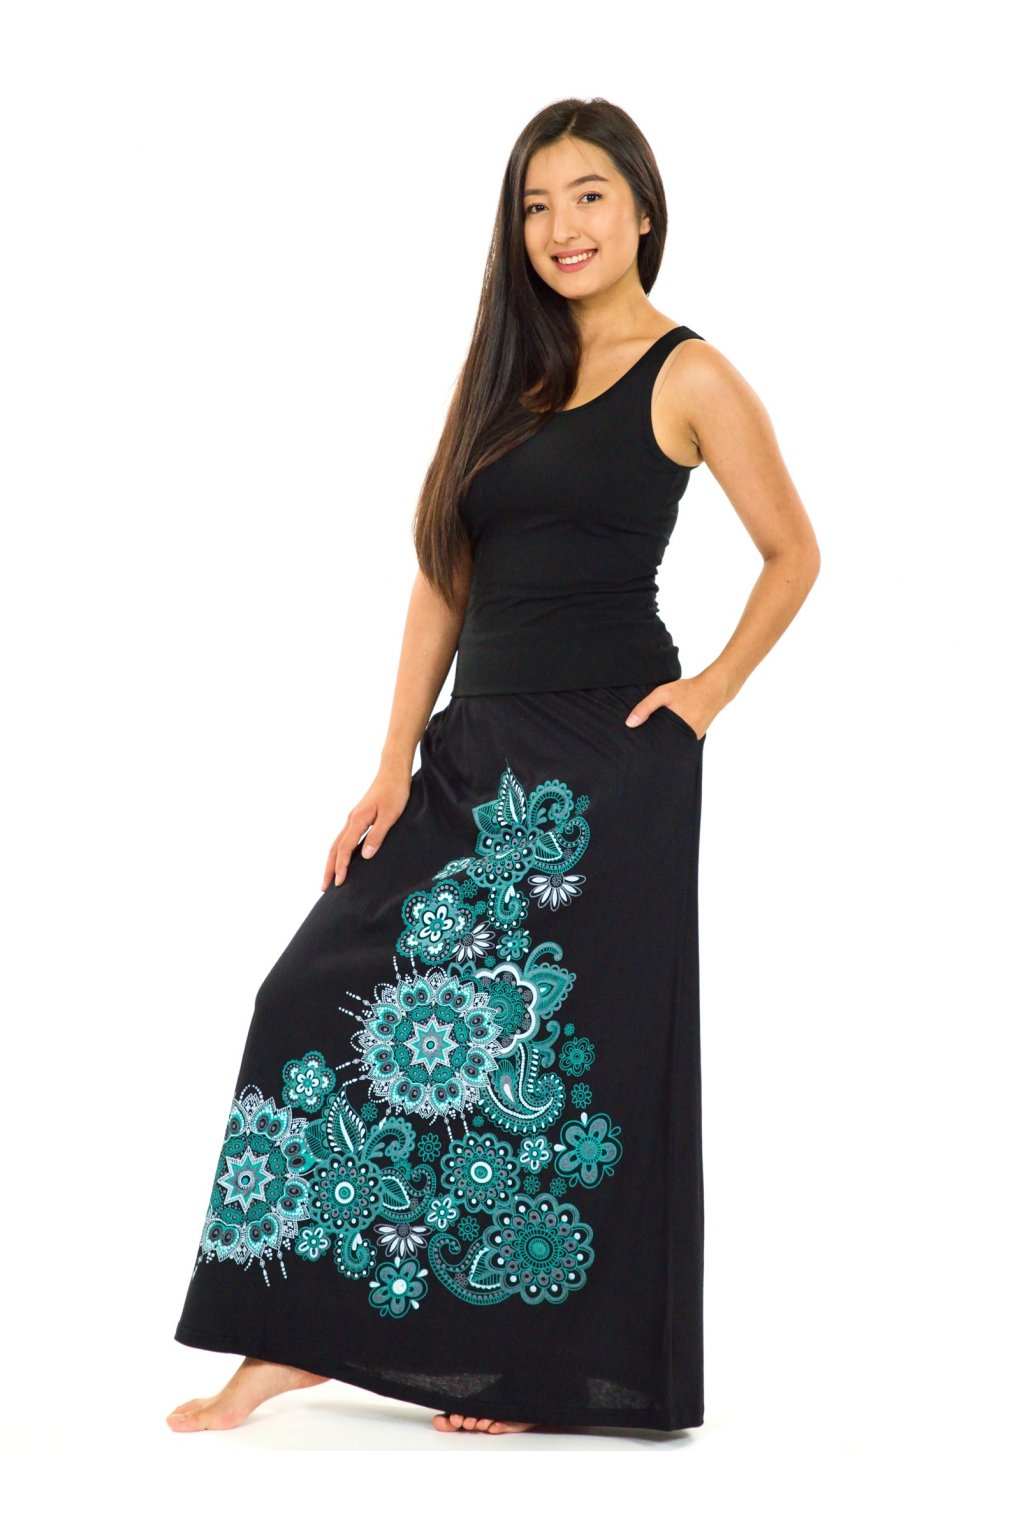 Dlouhá sukně Maima - černá s tyrkysovou